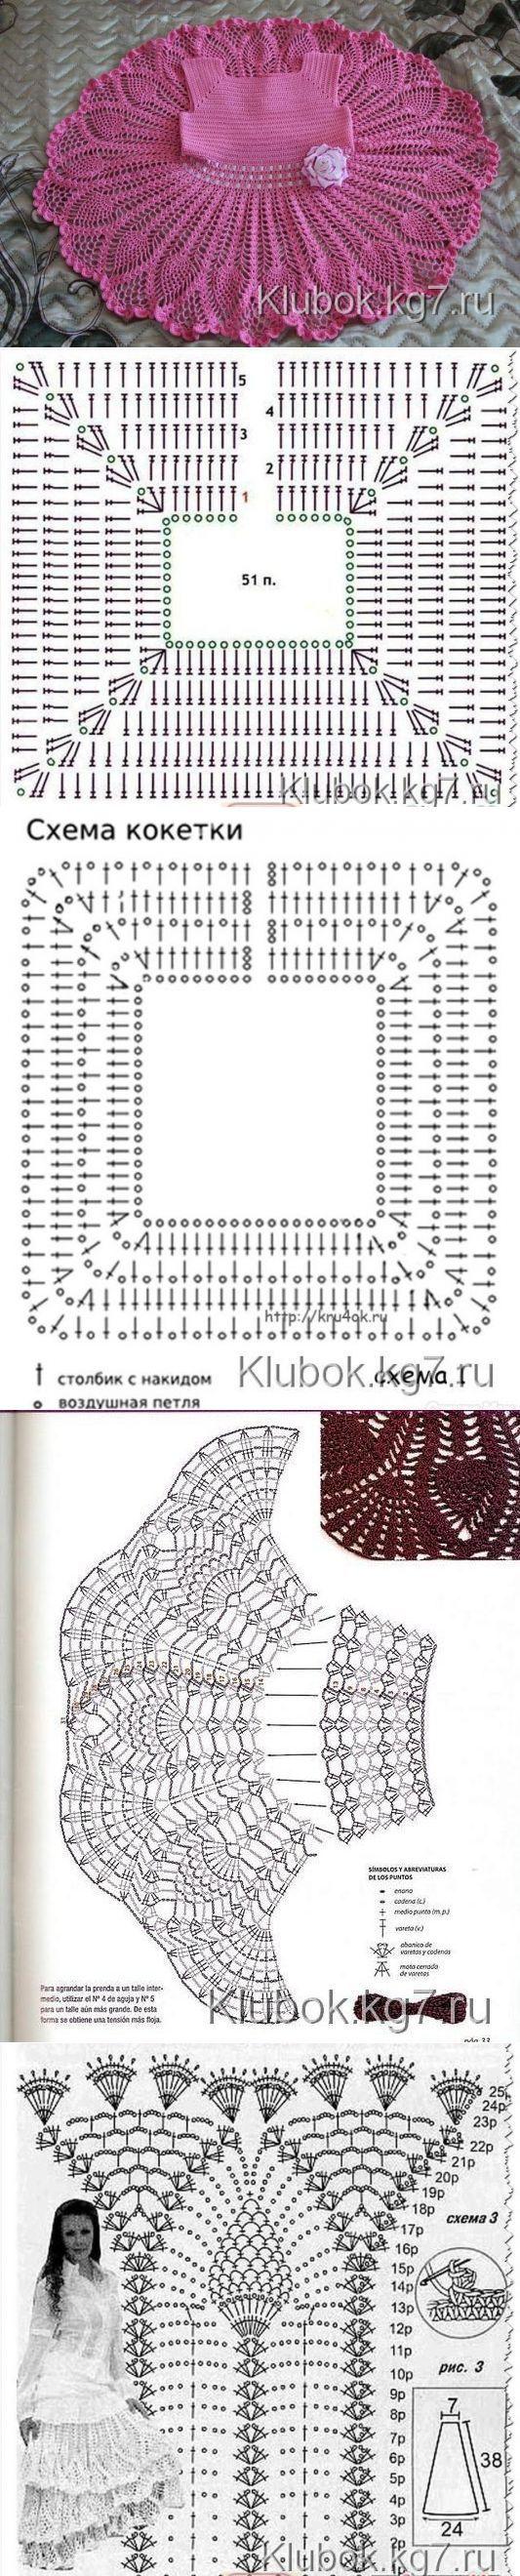 ПЛАТЬИЦЕ ДЛЯ ДЕВОЧКИ. МАСТЕР- Наталья Крутий (Канунникова) | Клубок [] #<br/> # #Baby #Dresses,<br/> # #Crochet #Dresses,<br/> # #Crochet #Baby,<br/> # #Crochet #Patterns,<br/> # #Crochet,<br/> # #Tissue,<br/> # #Blouses<br/>